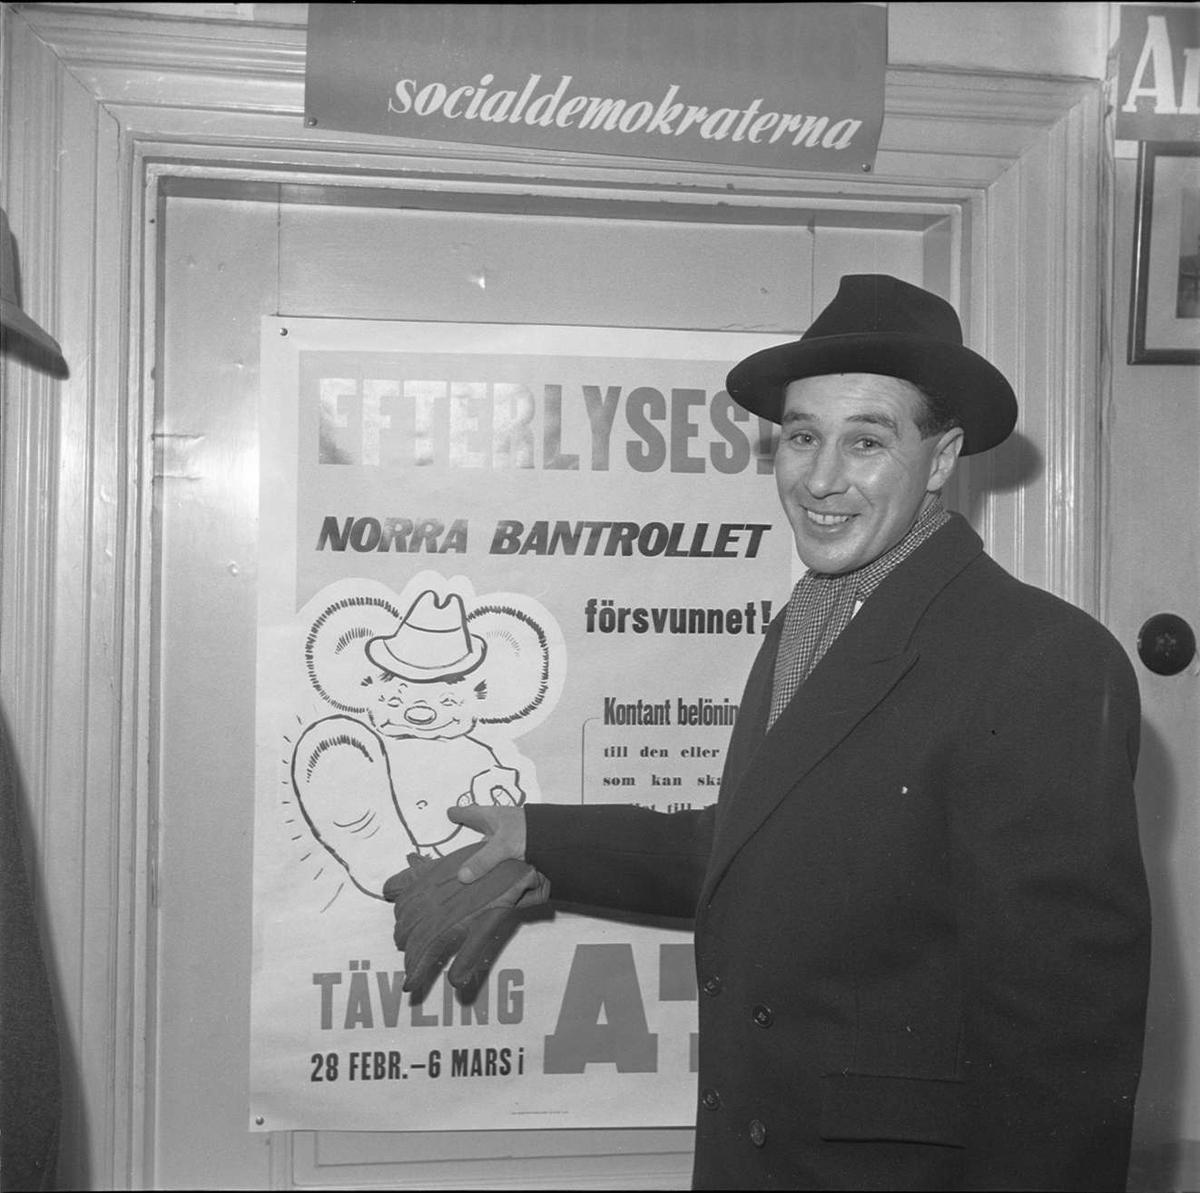 Man framför affisch om tävling gällande Norra Bantrollet, Aftontidningen, sannolikt Uppsala 1949